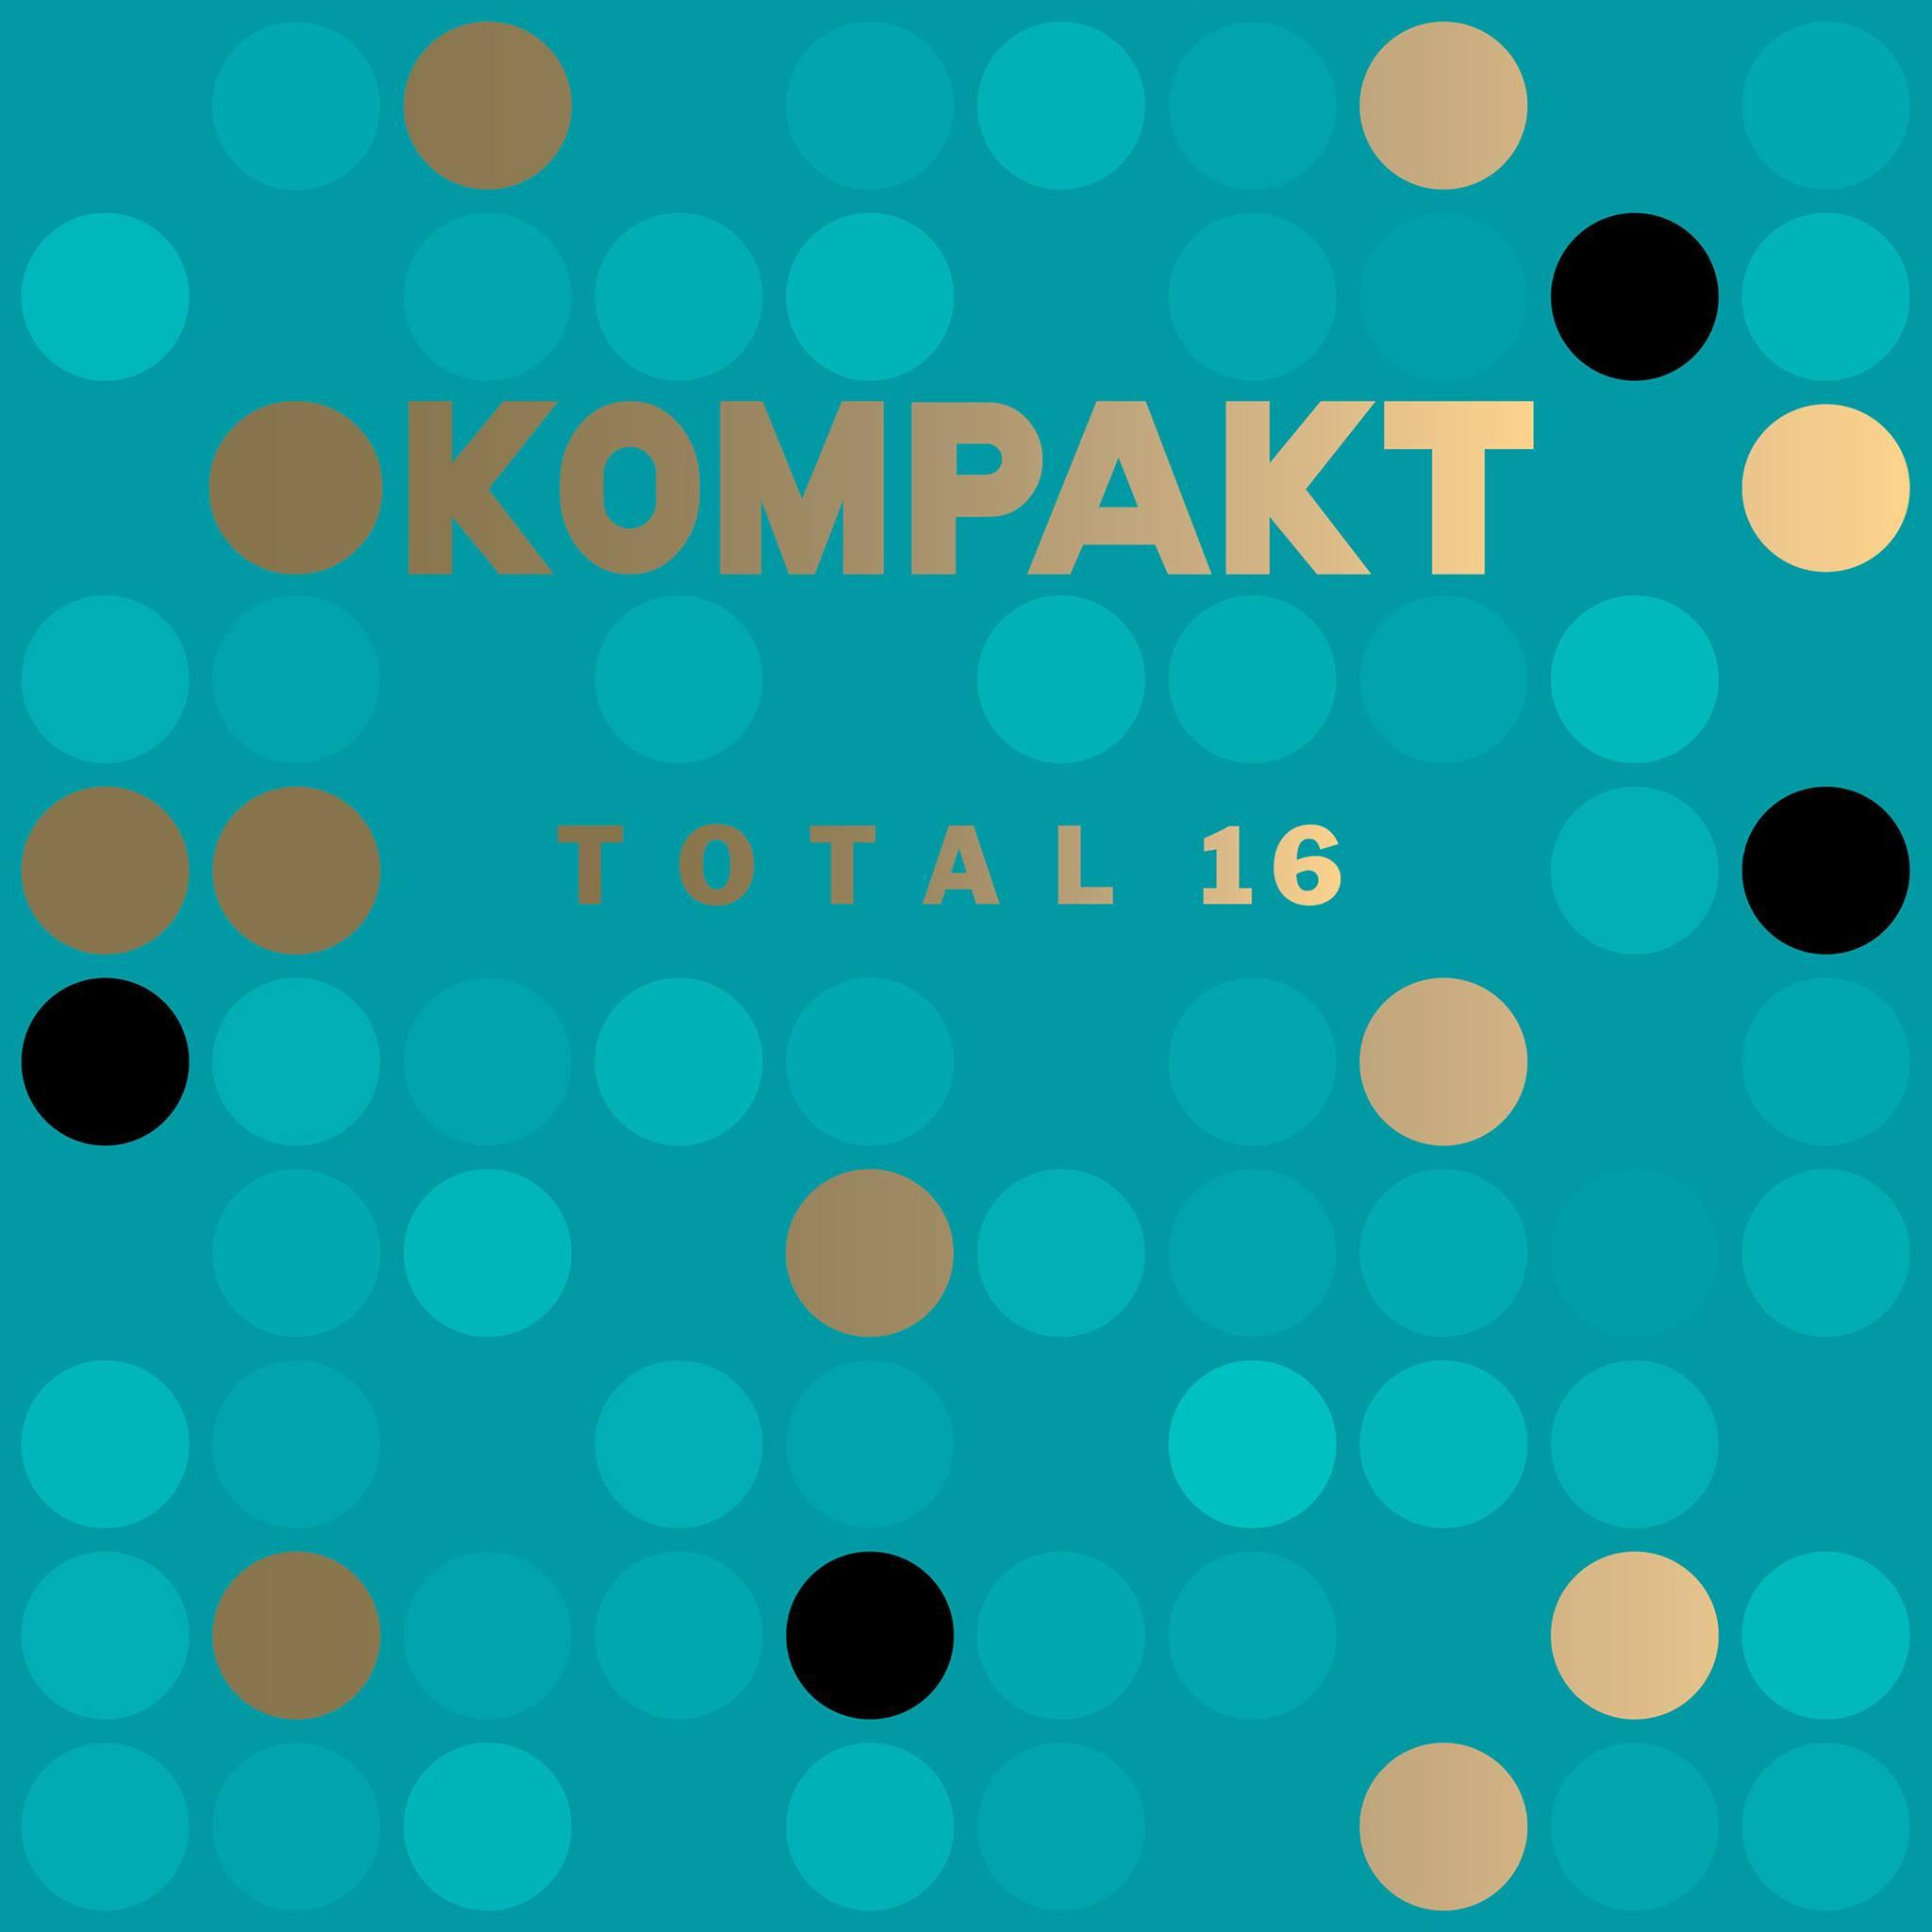 Kompakt: Total 16 [Kompakt Records] (2016)